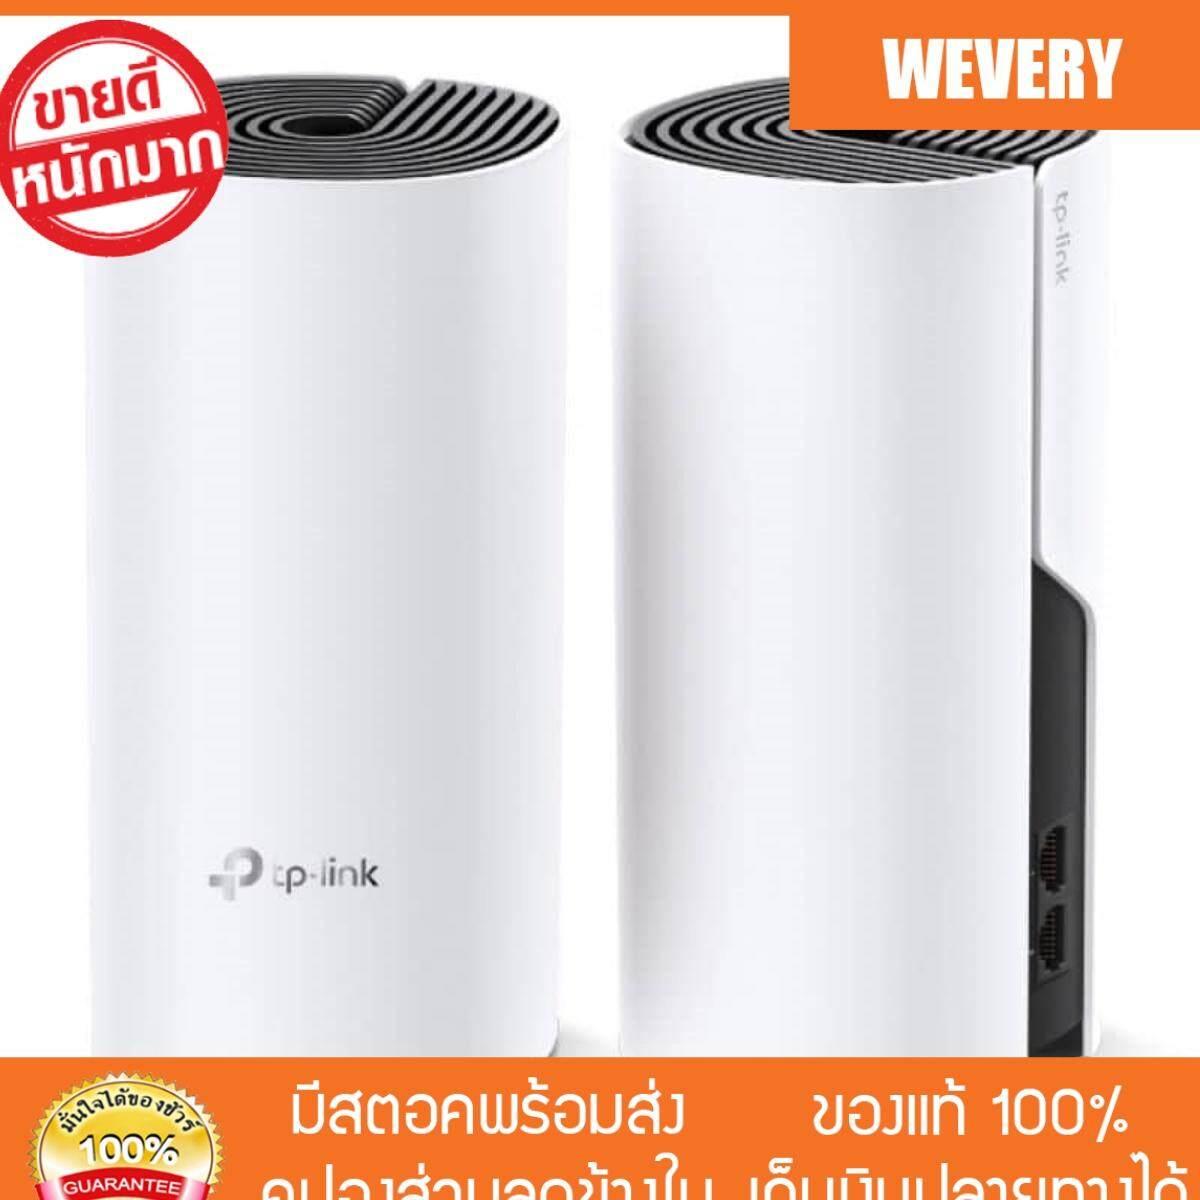 สุดยอดสินค้า!! [Wevery] TP-Link Deco M4 (แพ็ค 2เครื่อง) Mesh Wi-Fi ราคาประหยัด(AC1200 Whole Home Mesh Wi-Fi System)เป็นทั้ง Router  Access Point   Range Extender เร้าเตอร์ไวไฟ เครื่องขยายwifi ส่ง Kerr